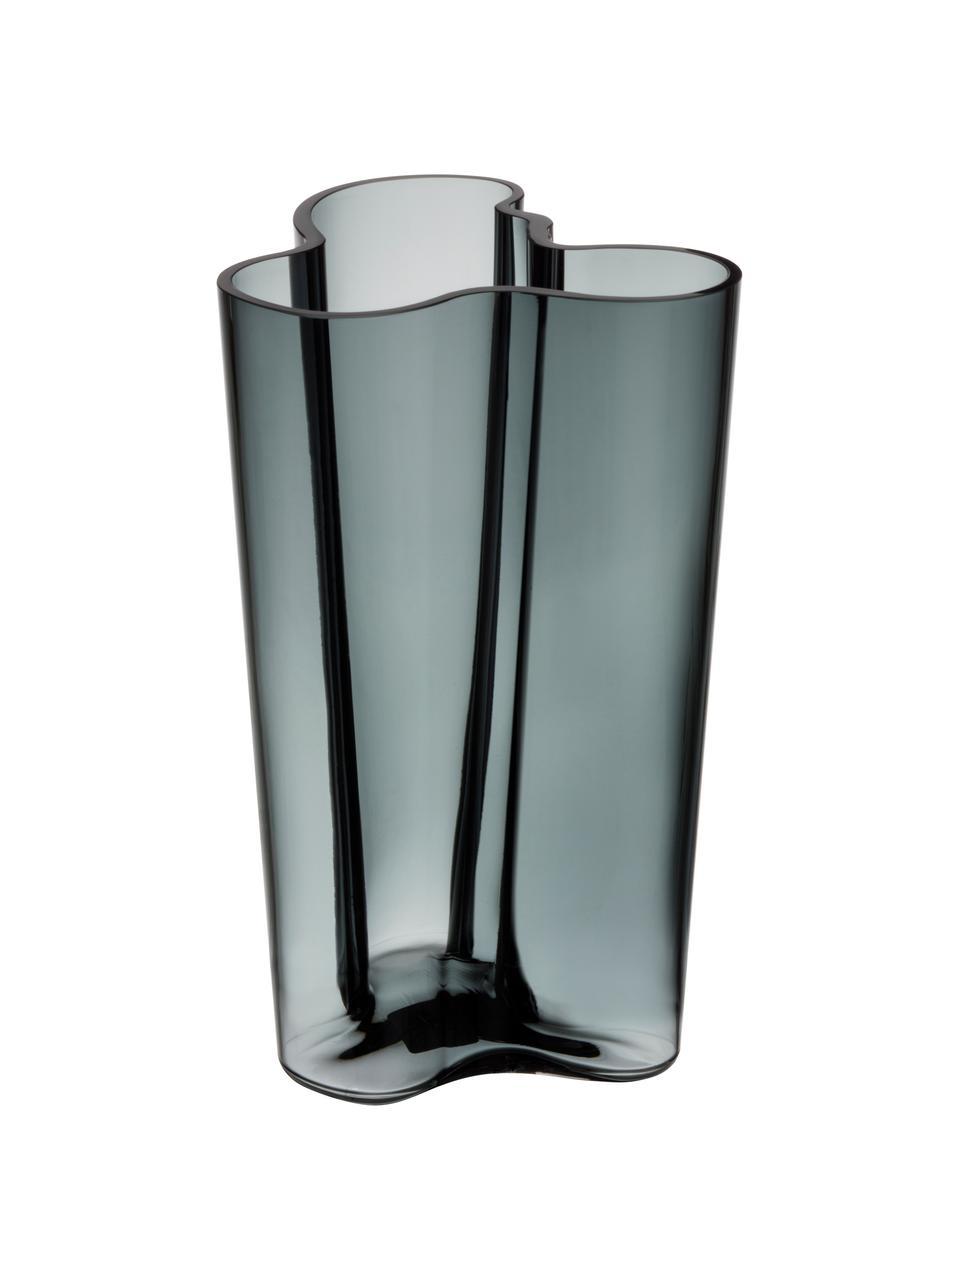 Design-Vase Alvar Aalto, Glas, Dunkelgrau, 17 x 25 cm